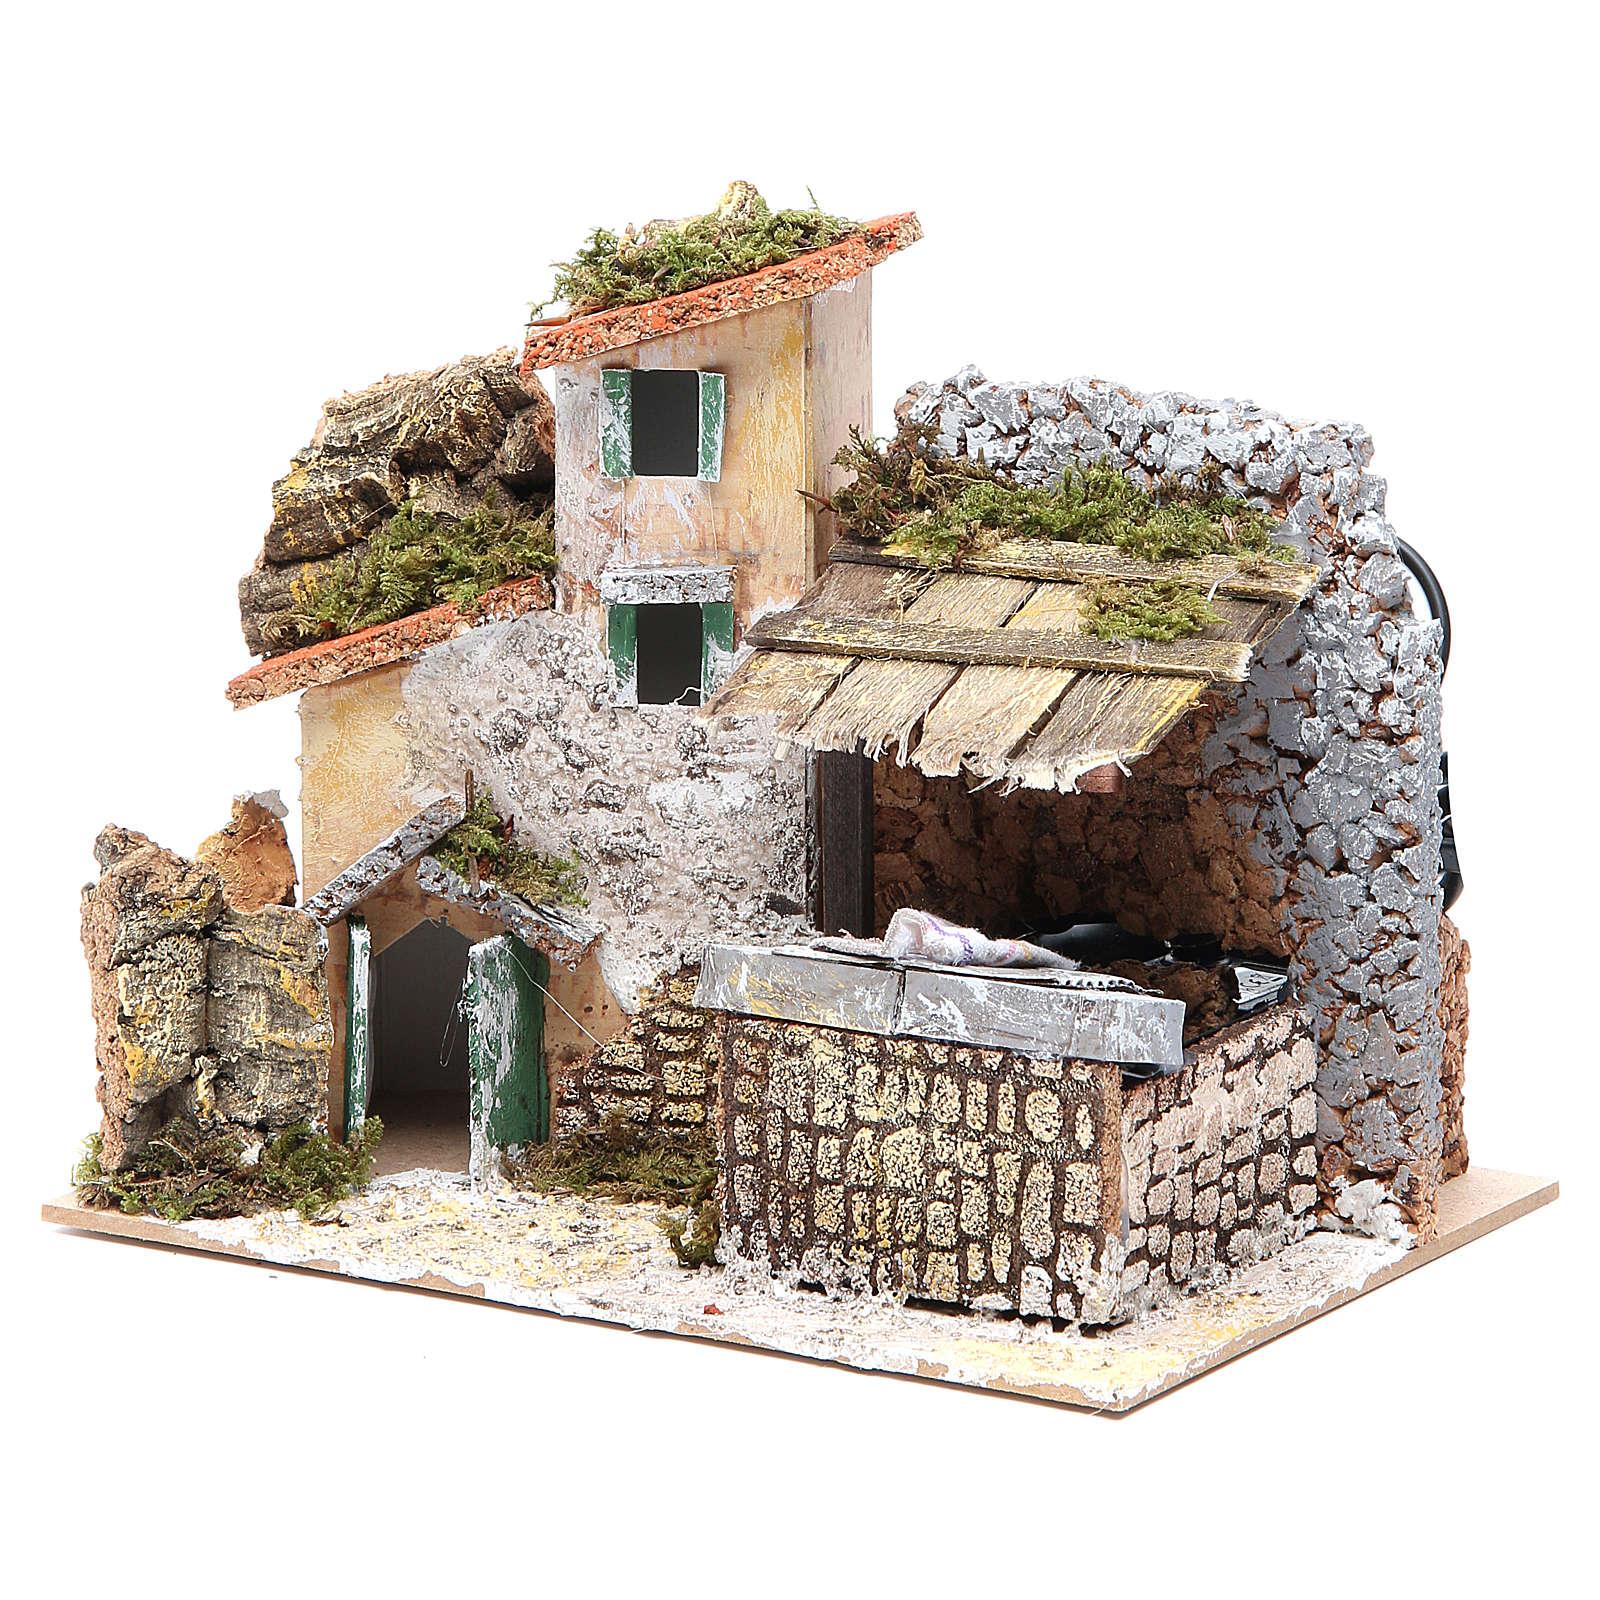 Fontaine crèche avec lavoir 17x20x14 cm 4